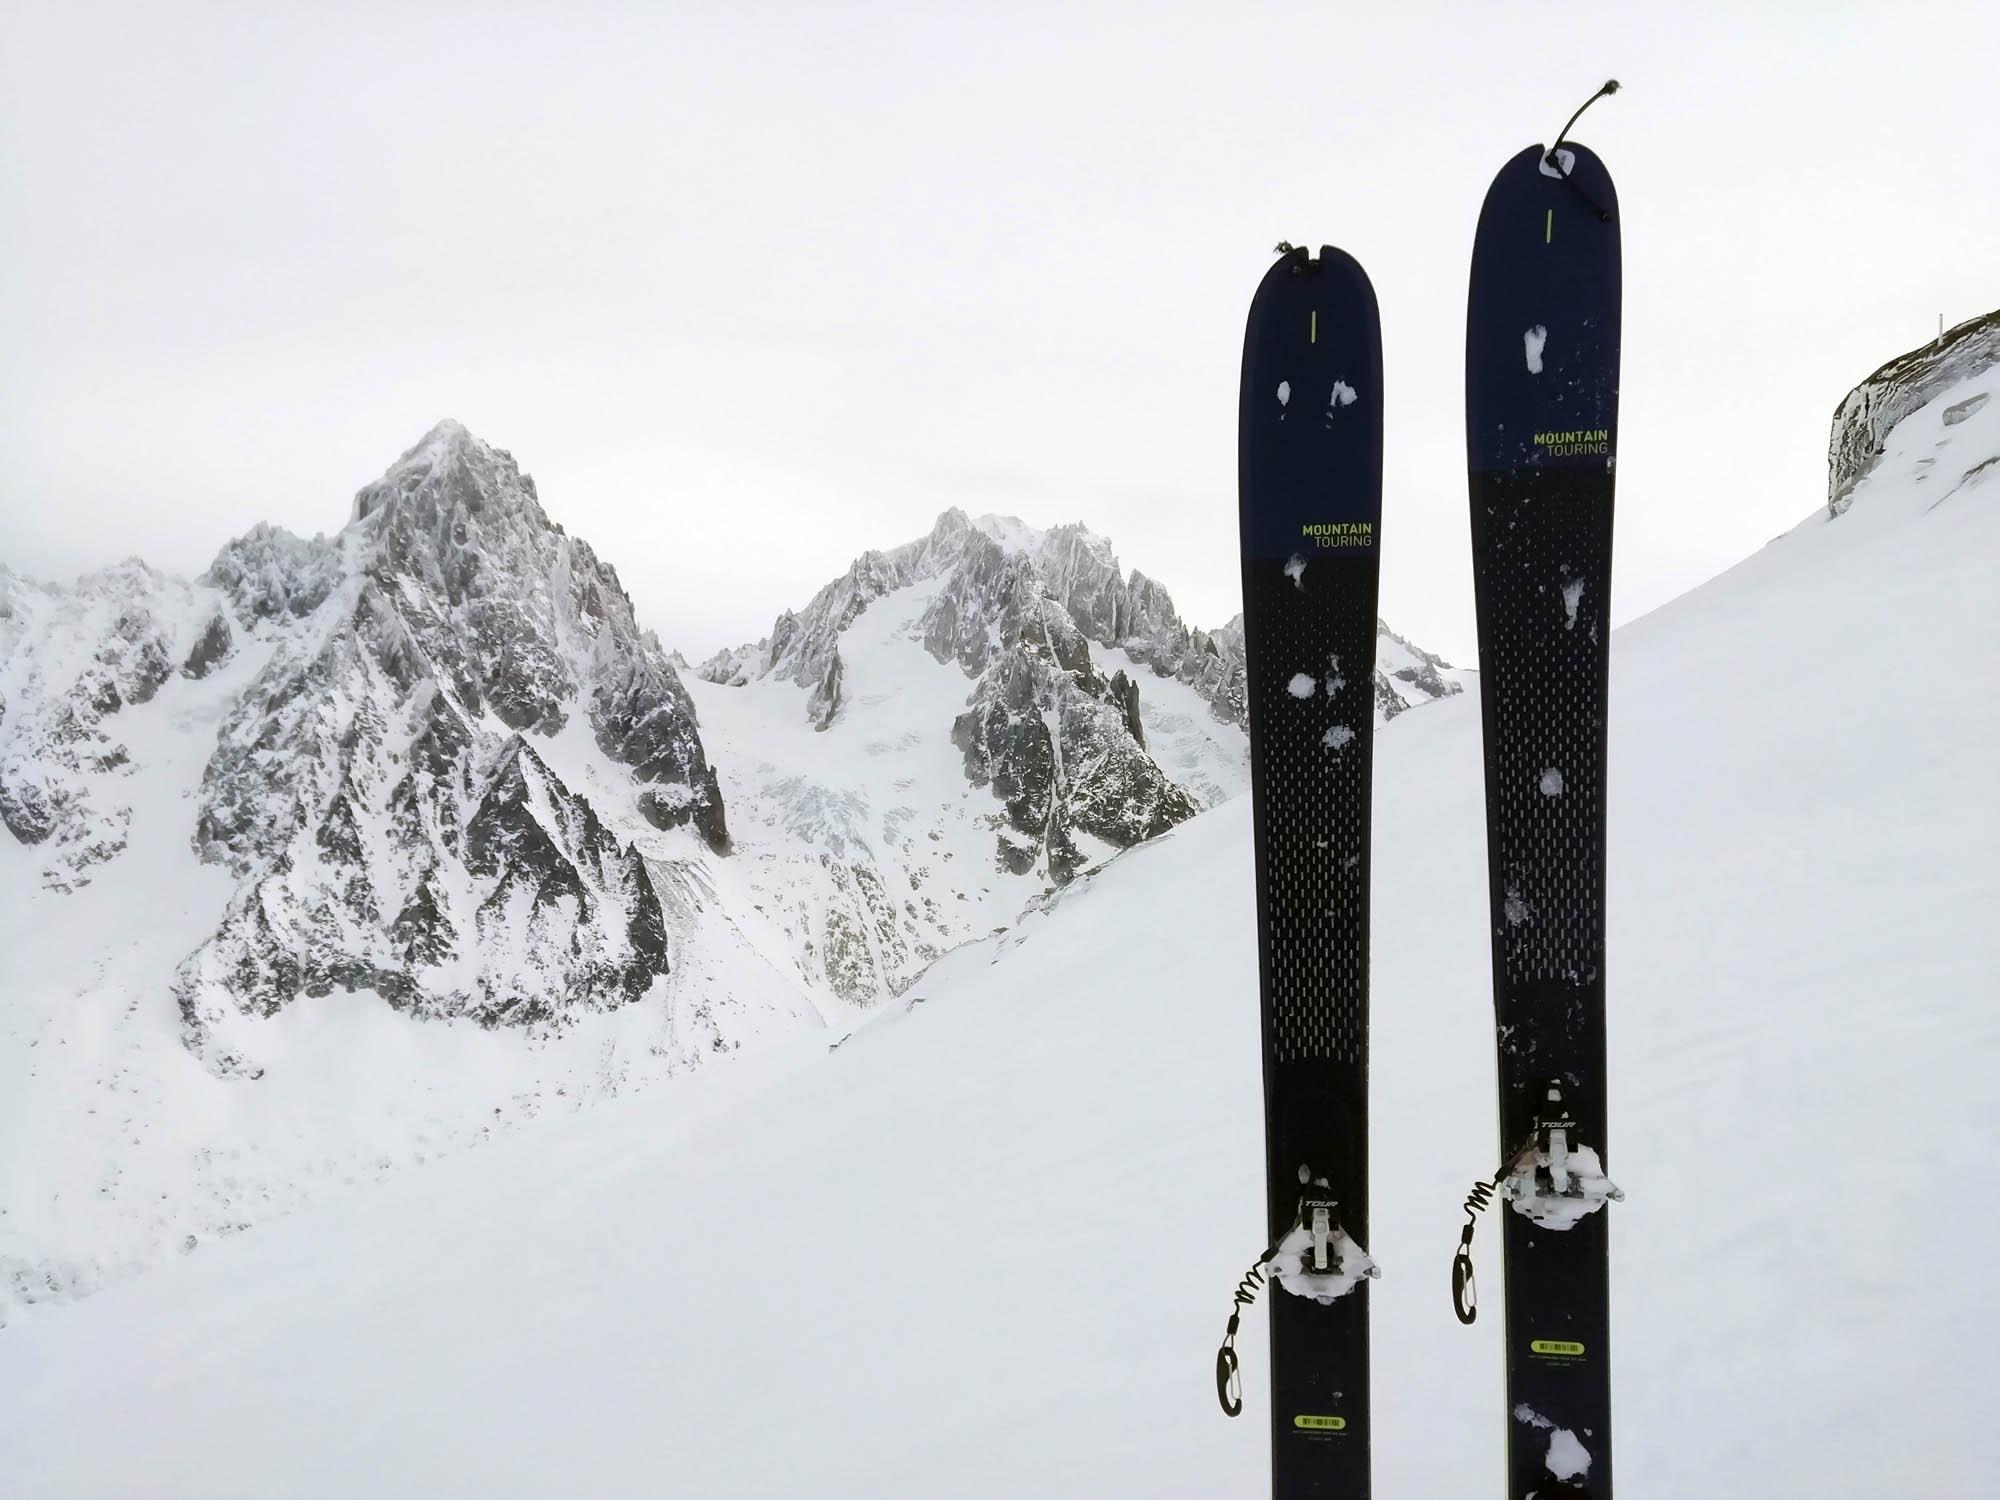 Test ski Wedze MT 85